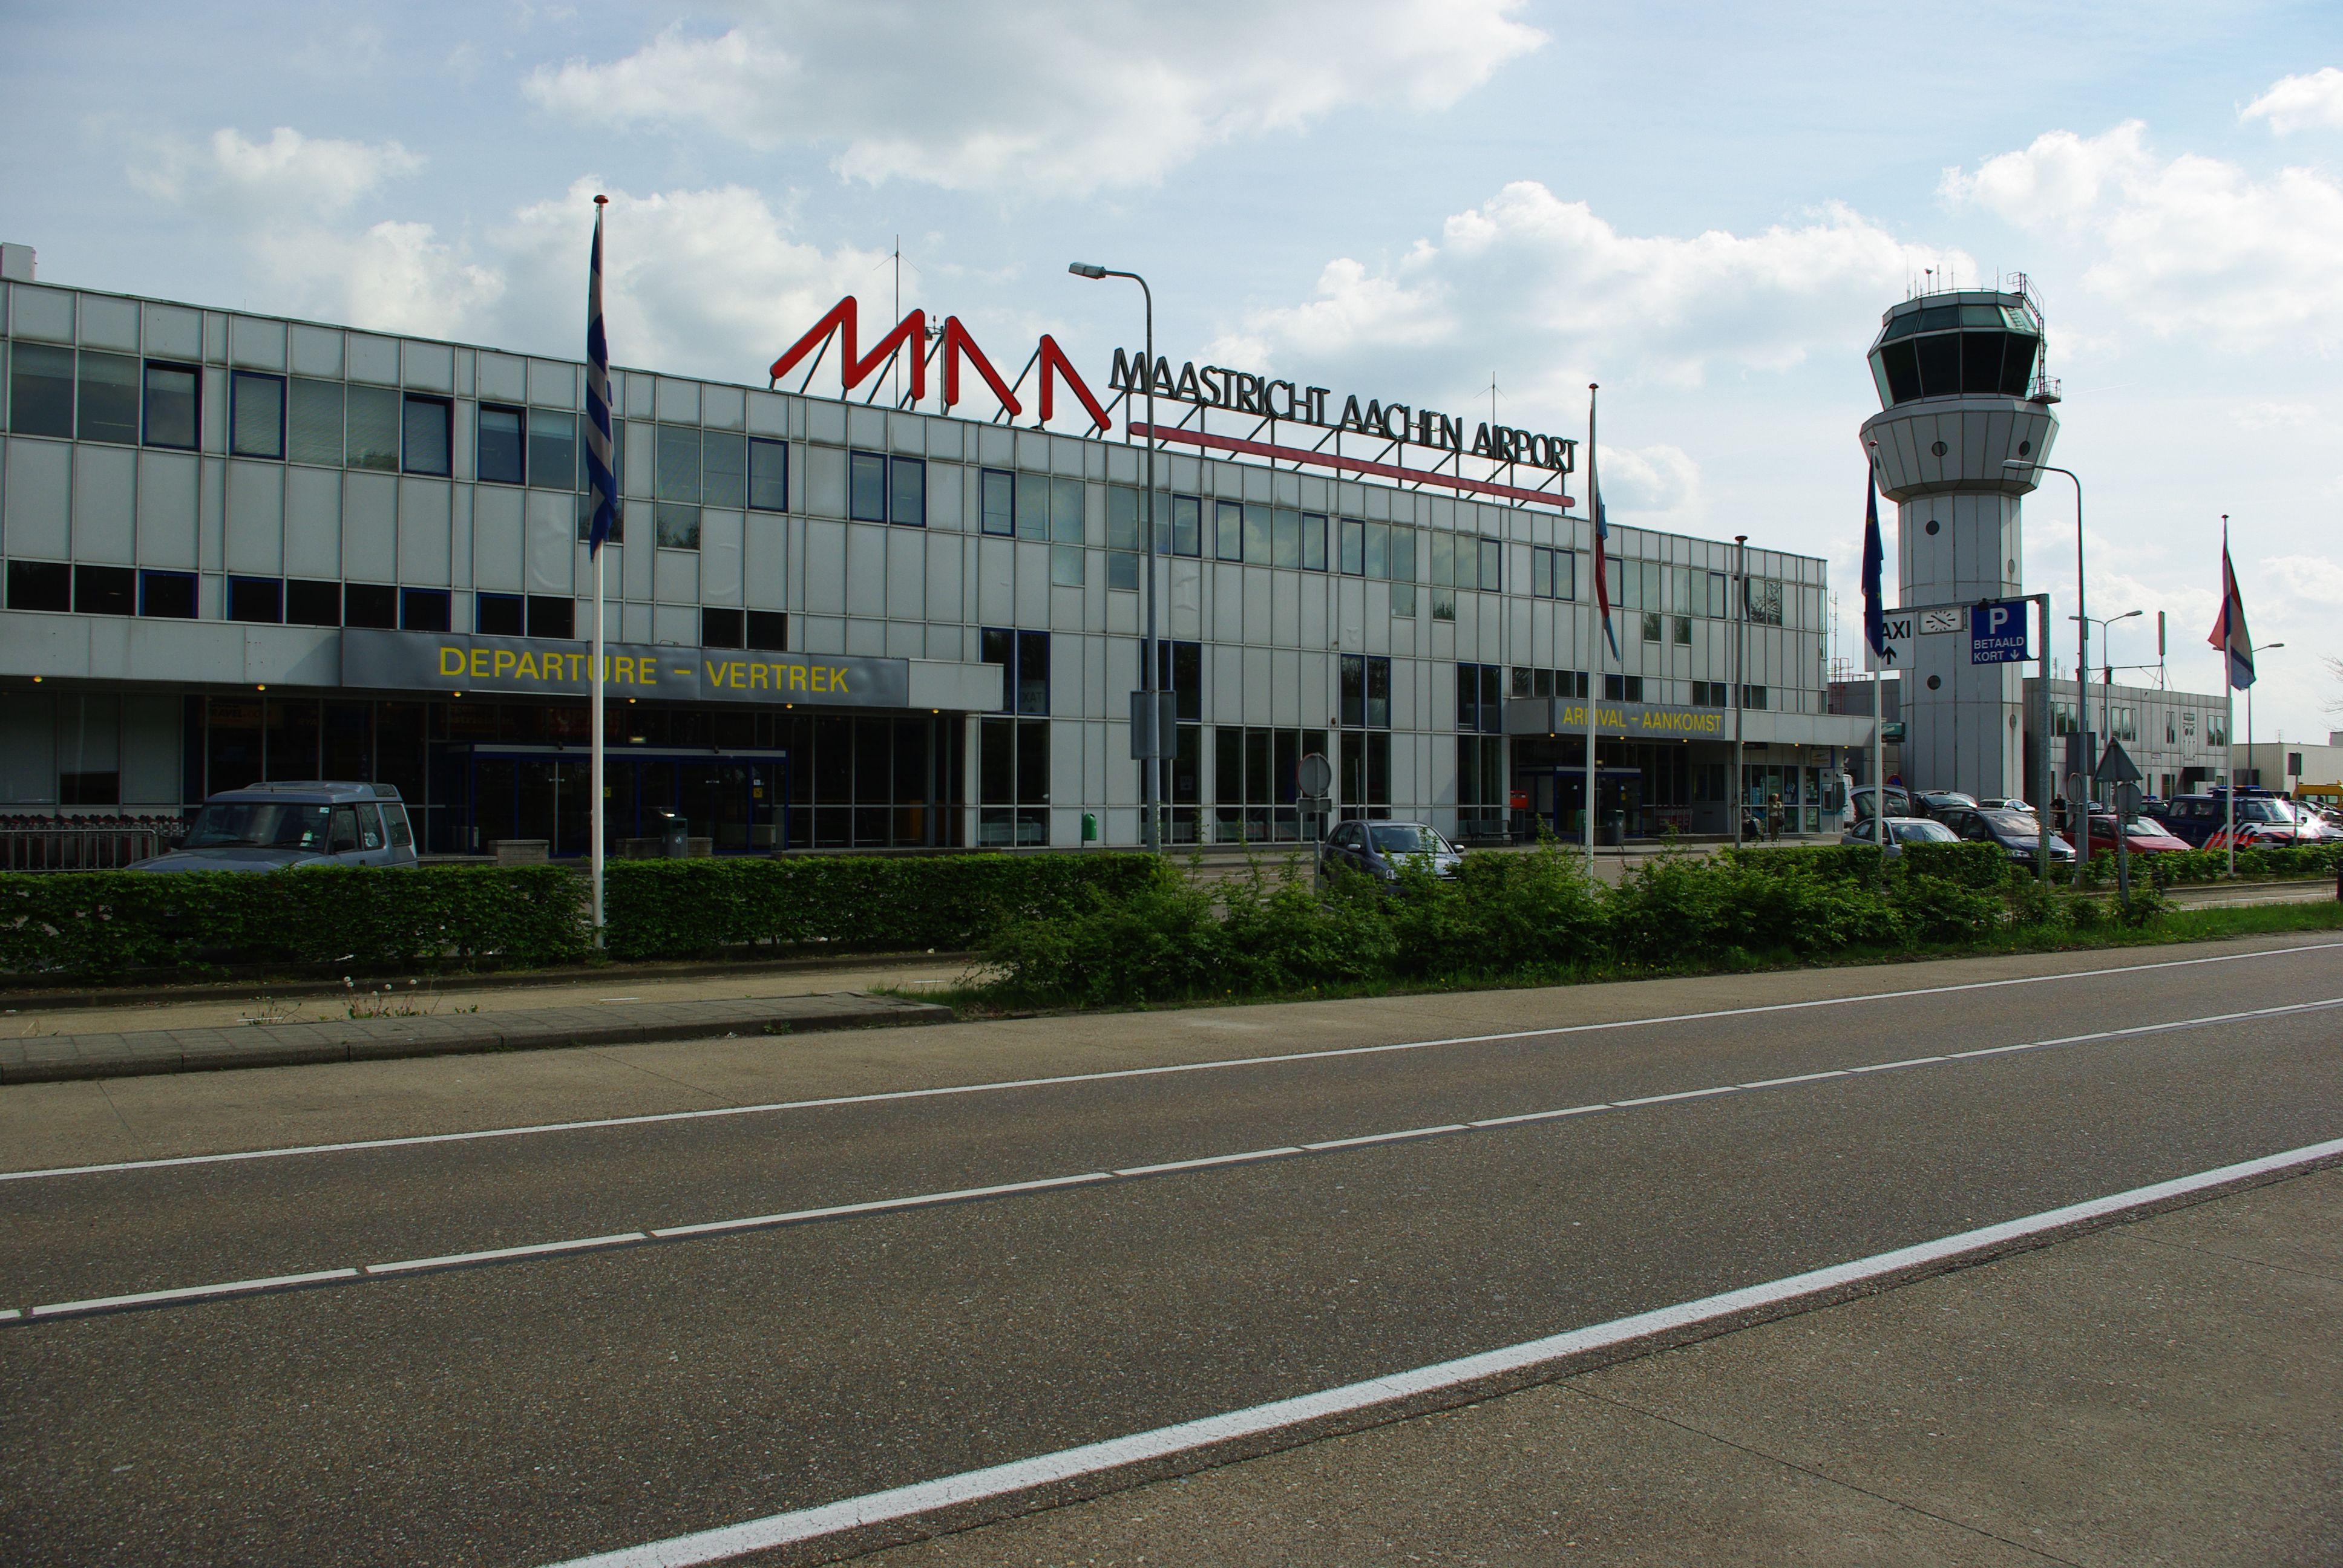 Terminal at Maastricht-Aachen Airport (EHBK)